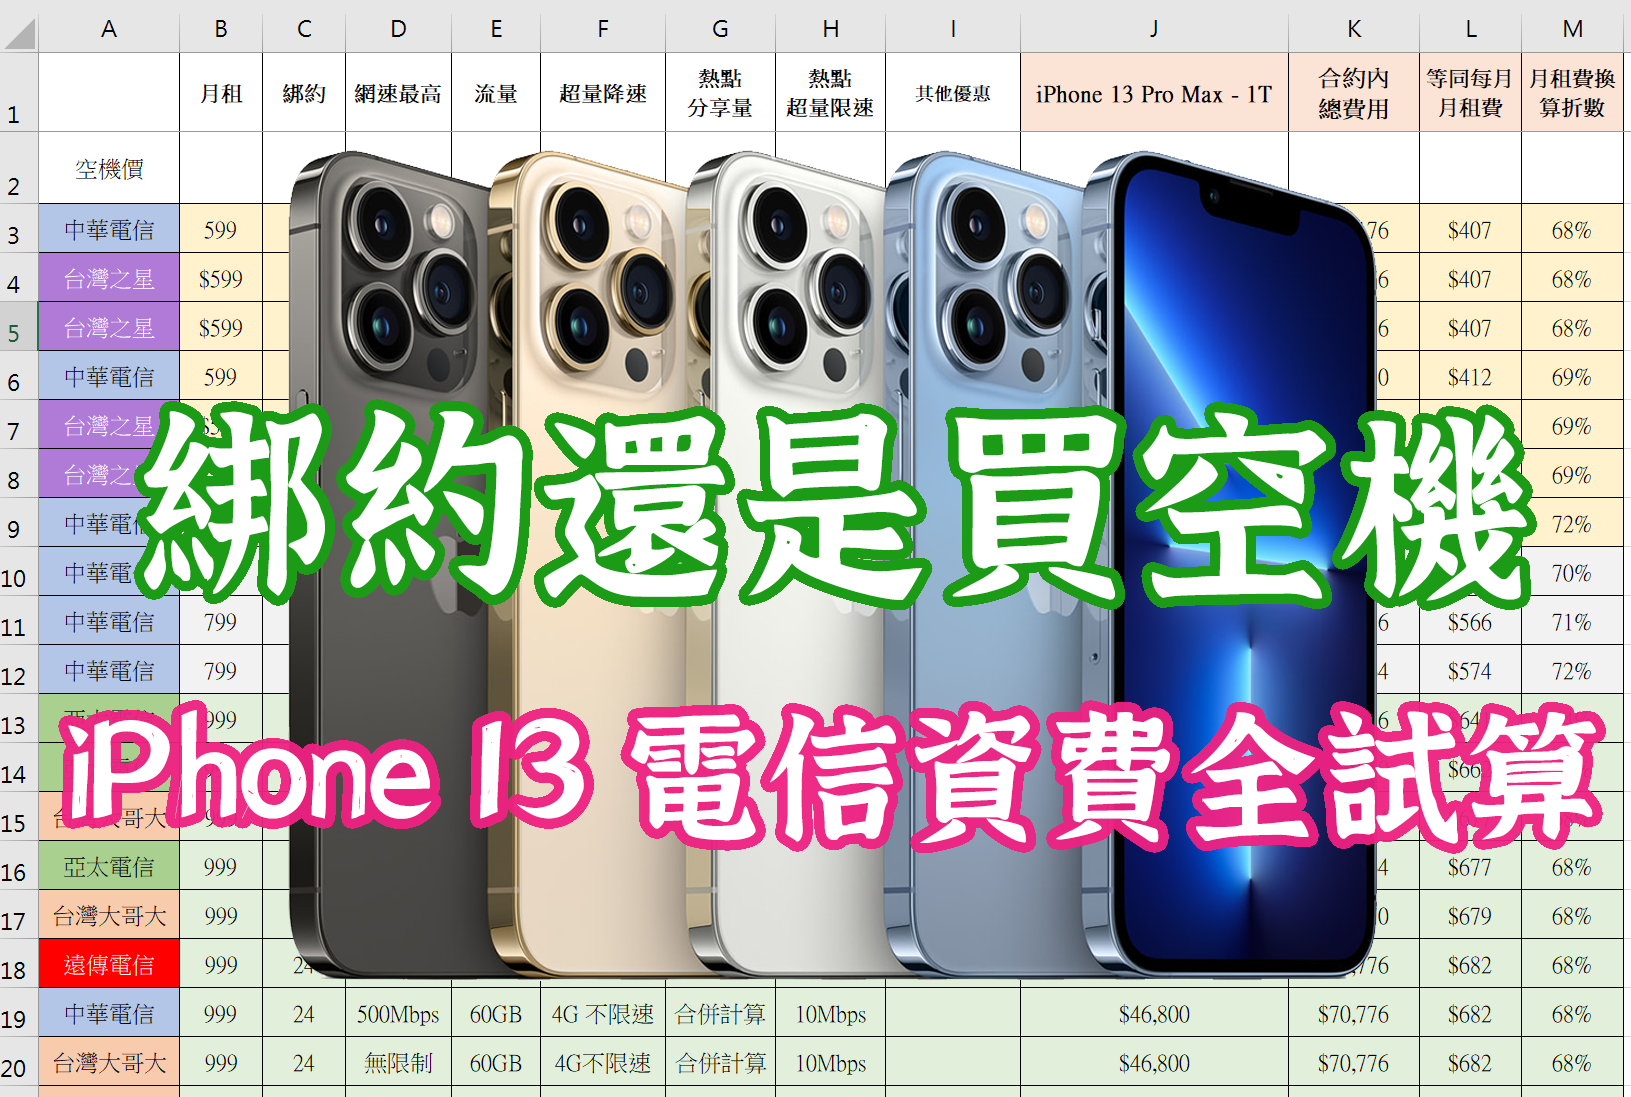 電力夠不夠用? Apple iPhone 13 mini / iPhone 13 / iPhone 13 Pro / iPhone 13 Pro Max 全機型電力續航測試 @3C 達人廖阿輝